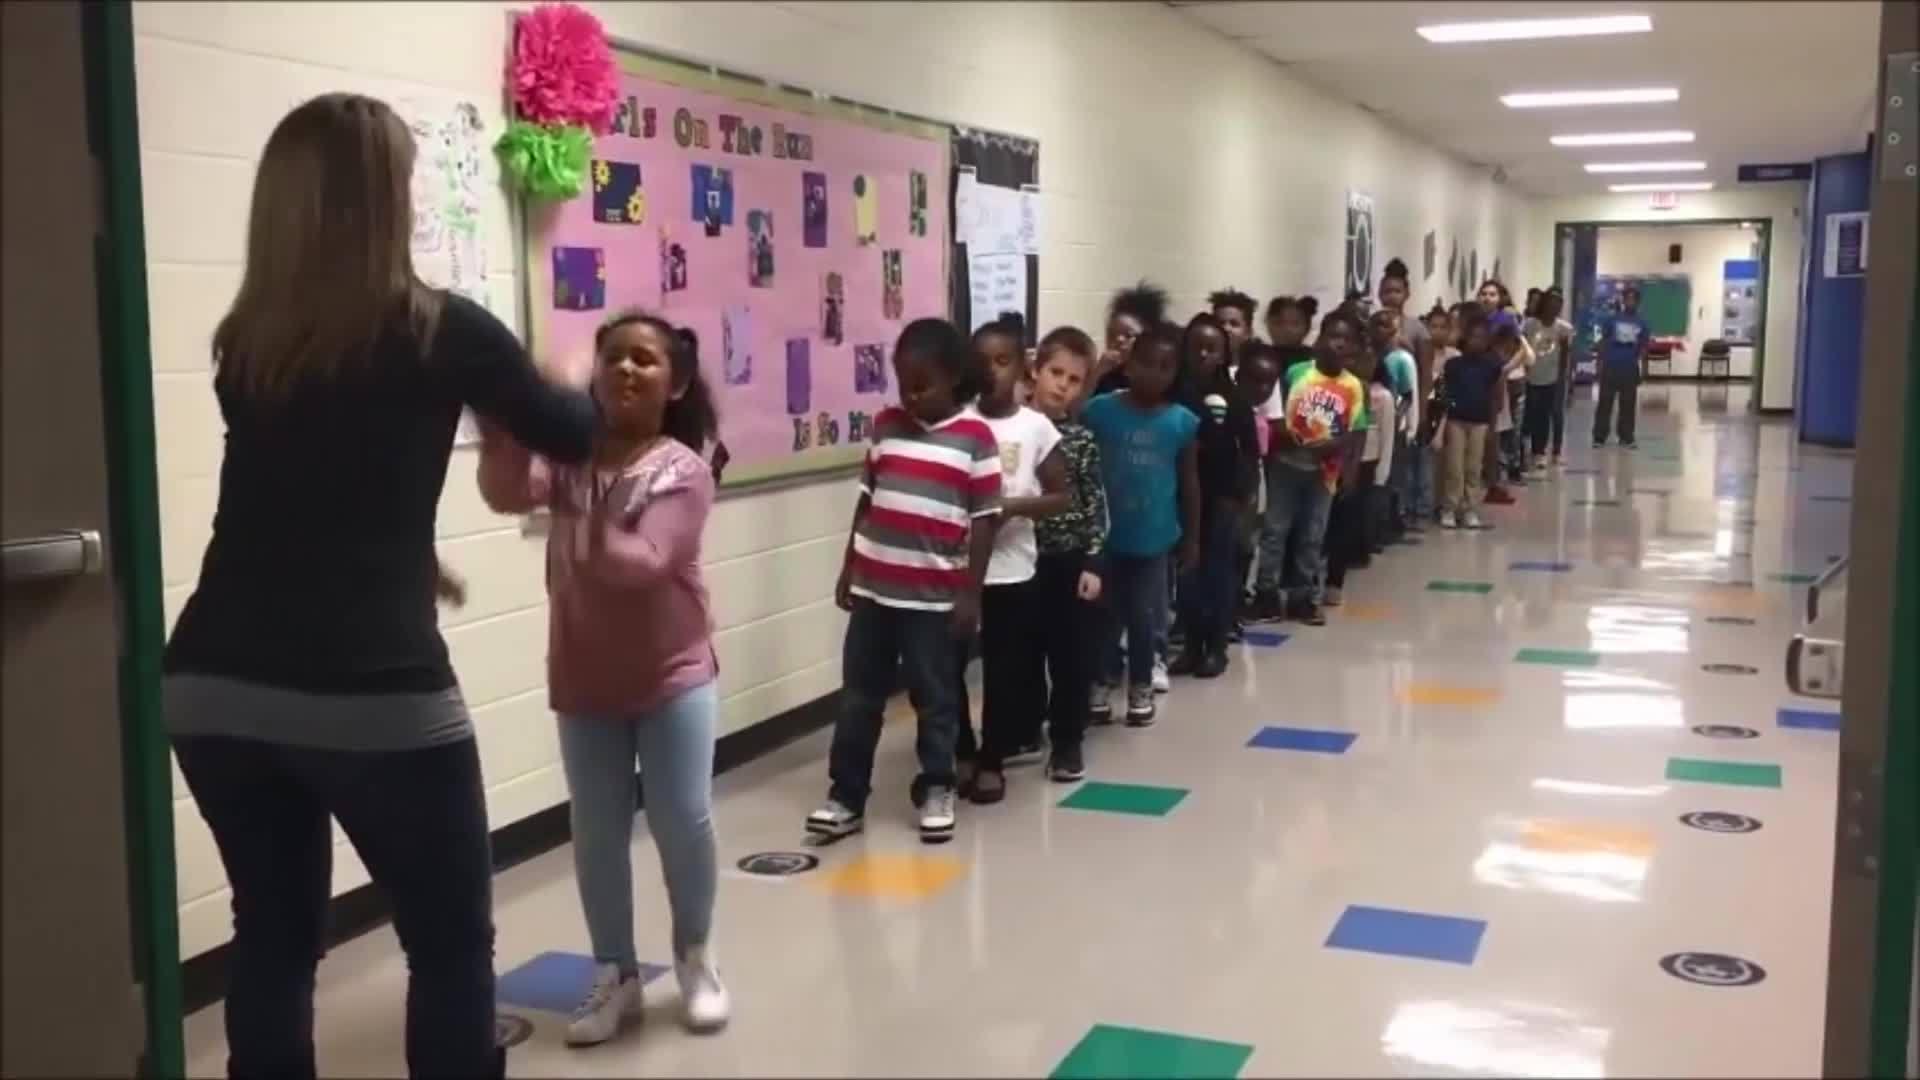 Cô giáo Mỹ sáng tạo đủ kiểu bắt tay với từng học sinh trong lớp